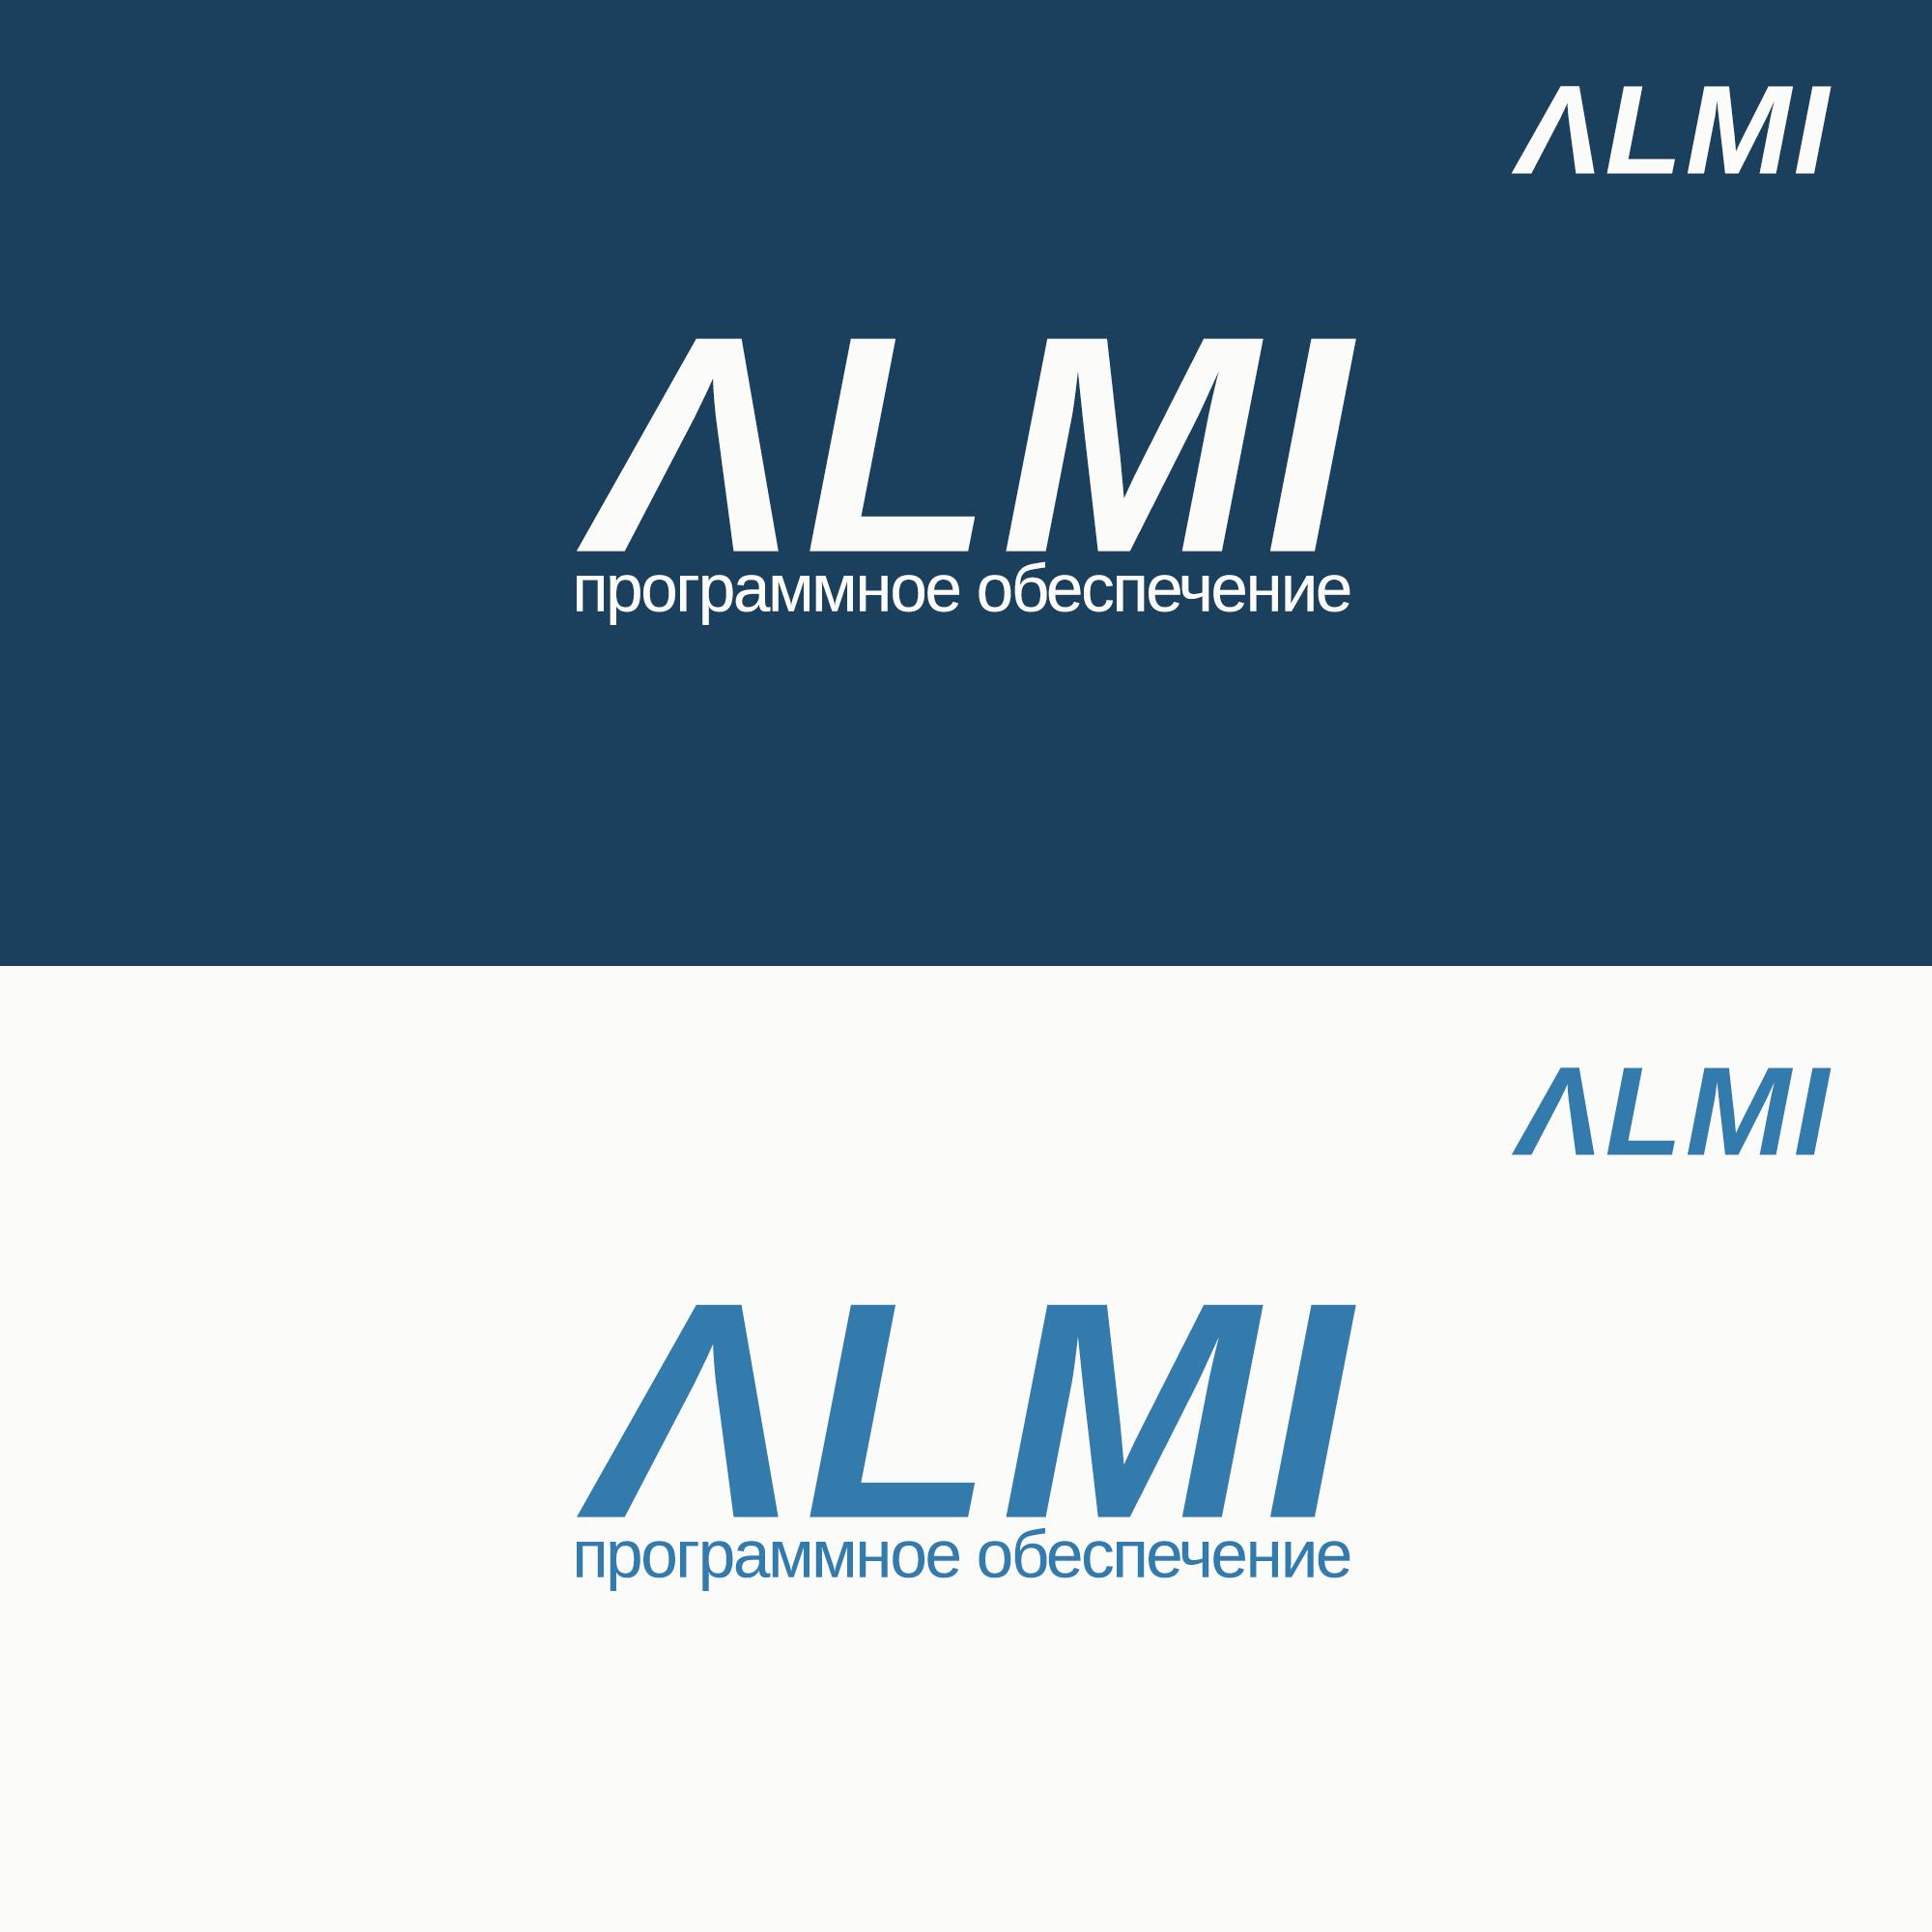 Разработка логотипа и фона фото f_4275991d3de19ae7.png